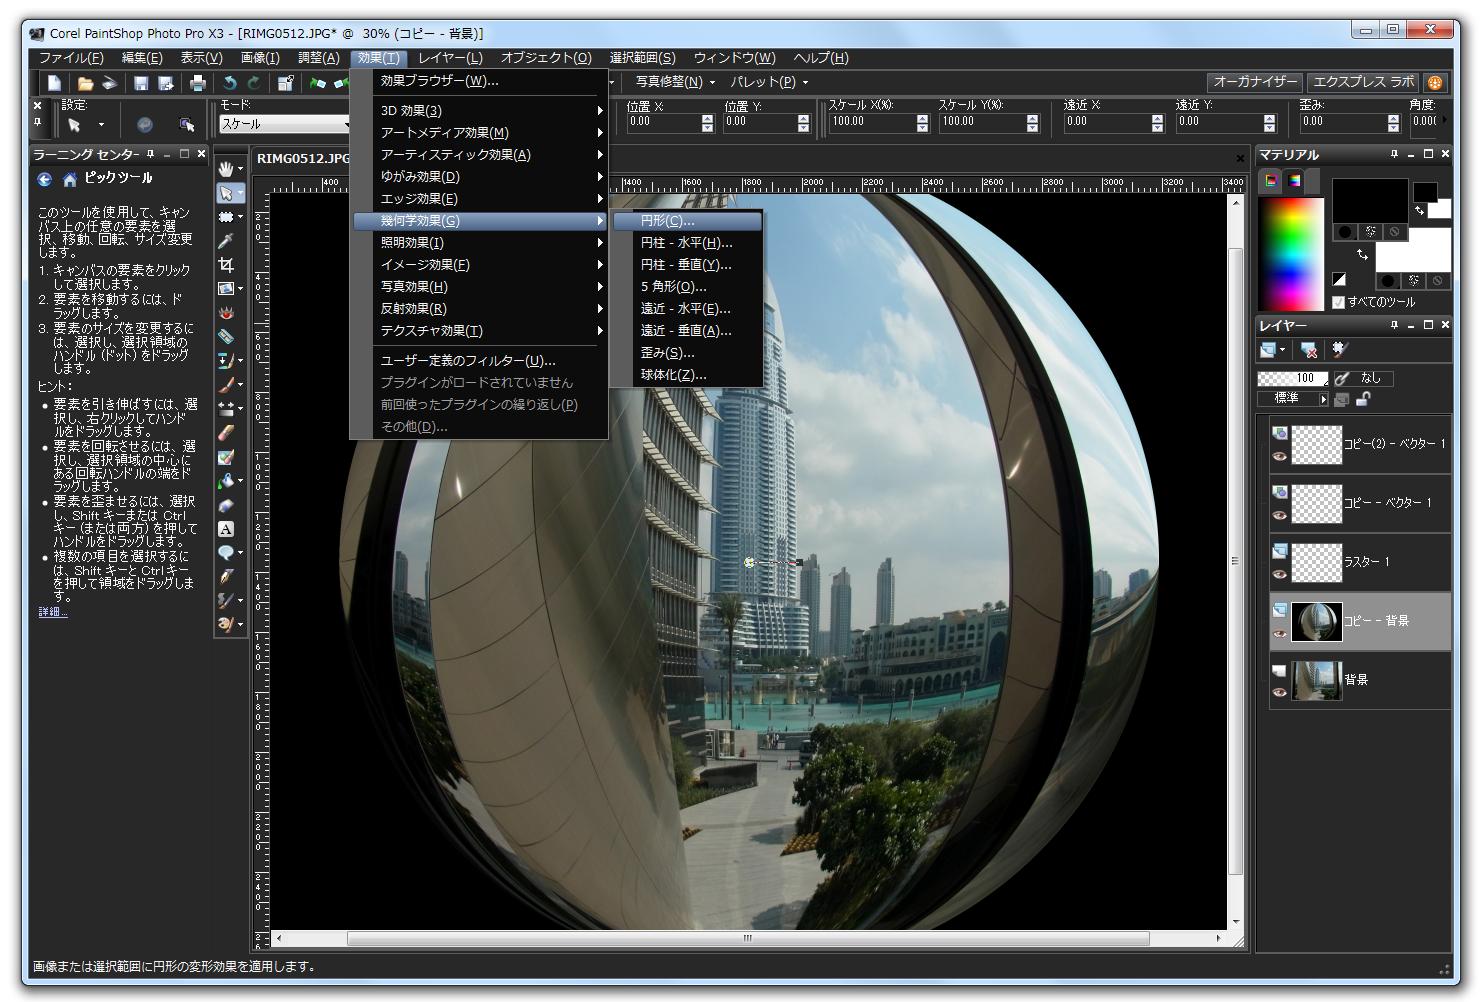 download keygen corel paintshop photo pro x4